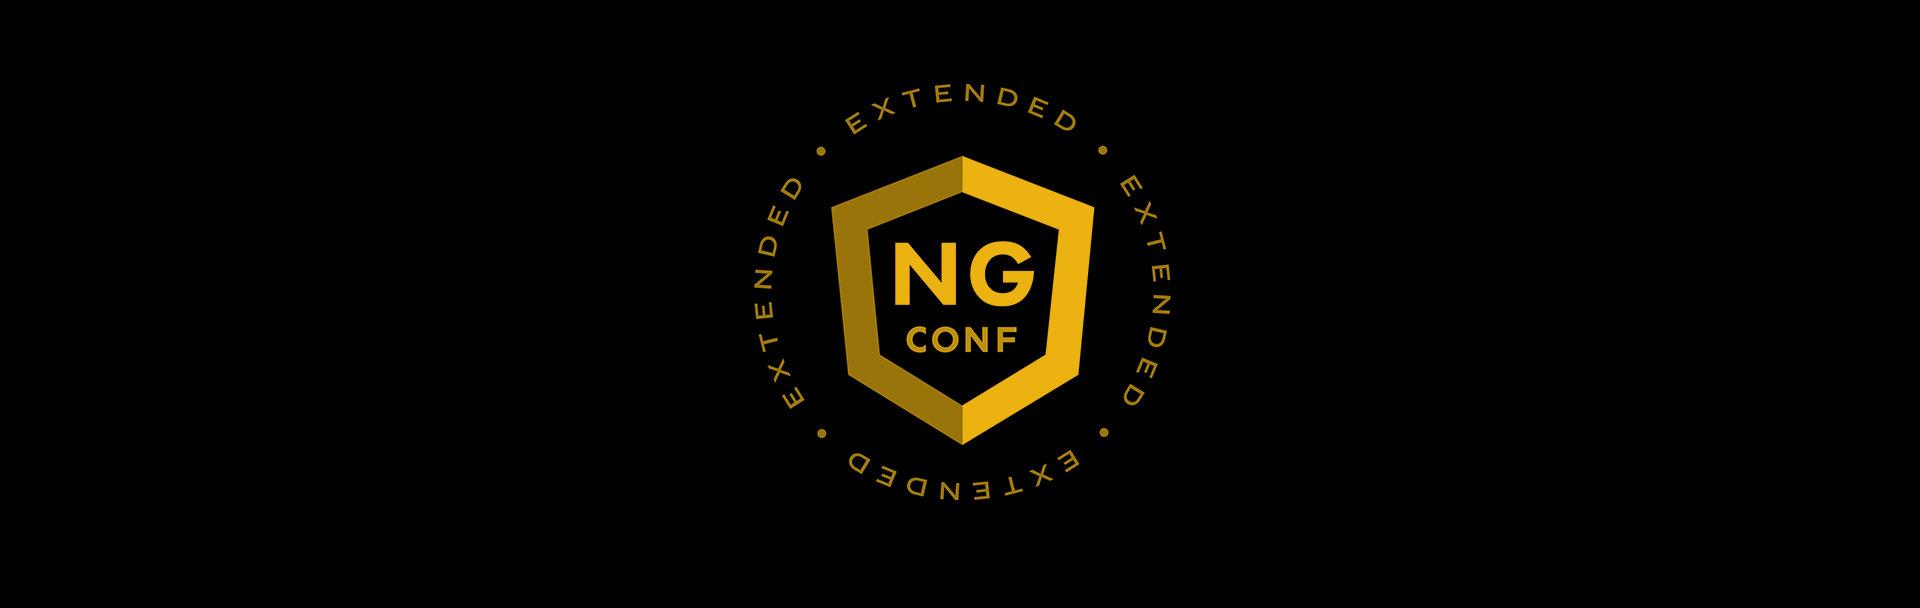 NG – CONF